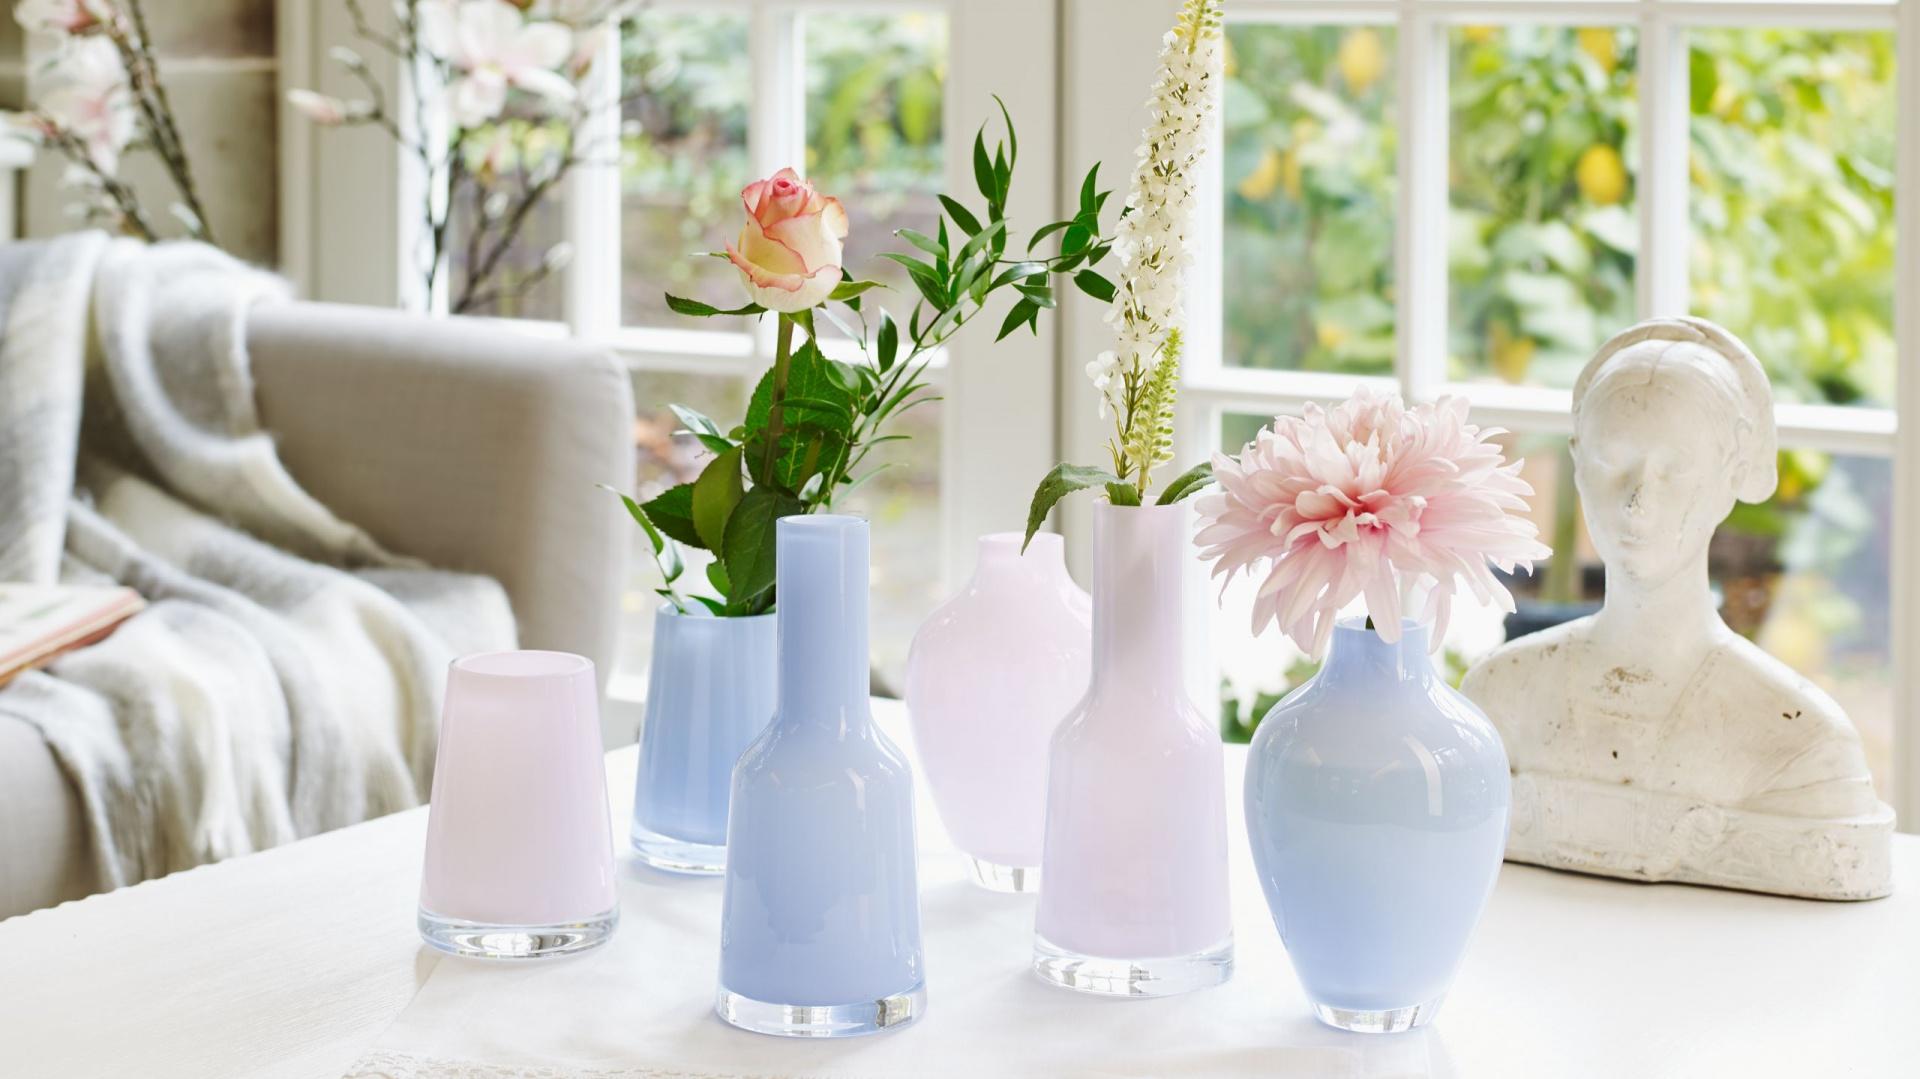 Ręcznie wykonane miniwazony Nek, Numa i Tiko Villeroy & Boch z dmuchanego szkła w odcieniach lovely rose oraz mellow blue. Można je dowolnie zestawiać tworząc dekoracyjne kompozycje. Fot. Villeroy & Boch